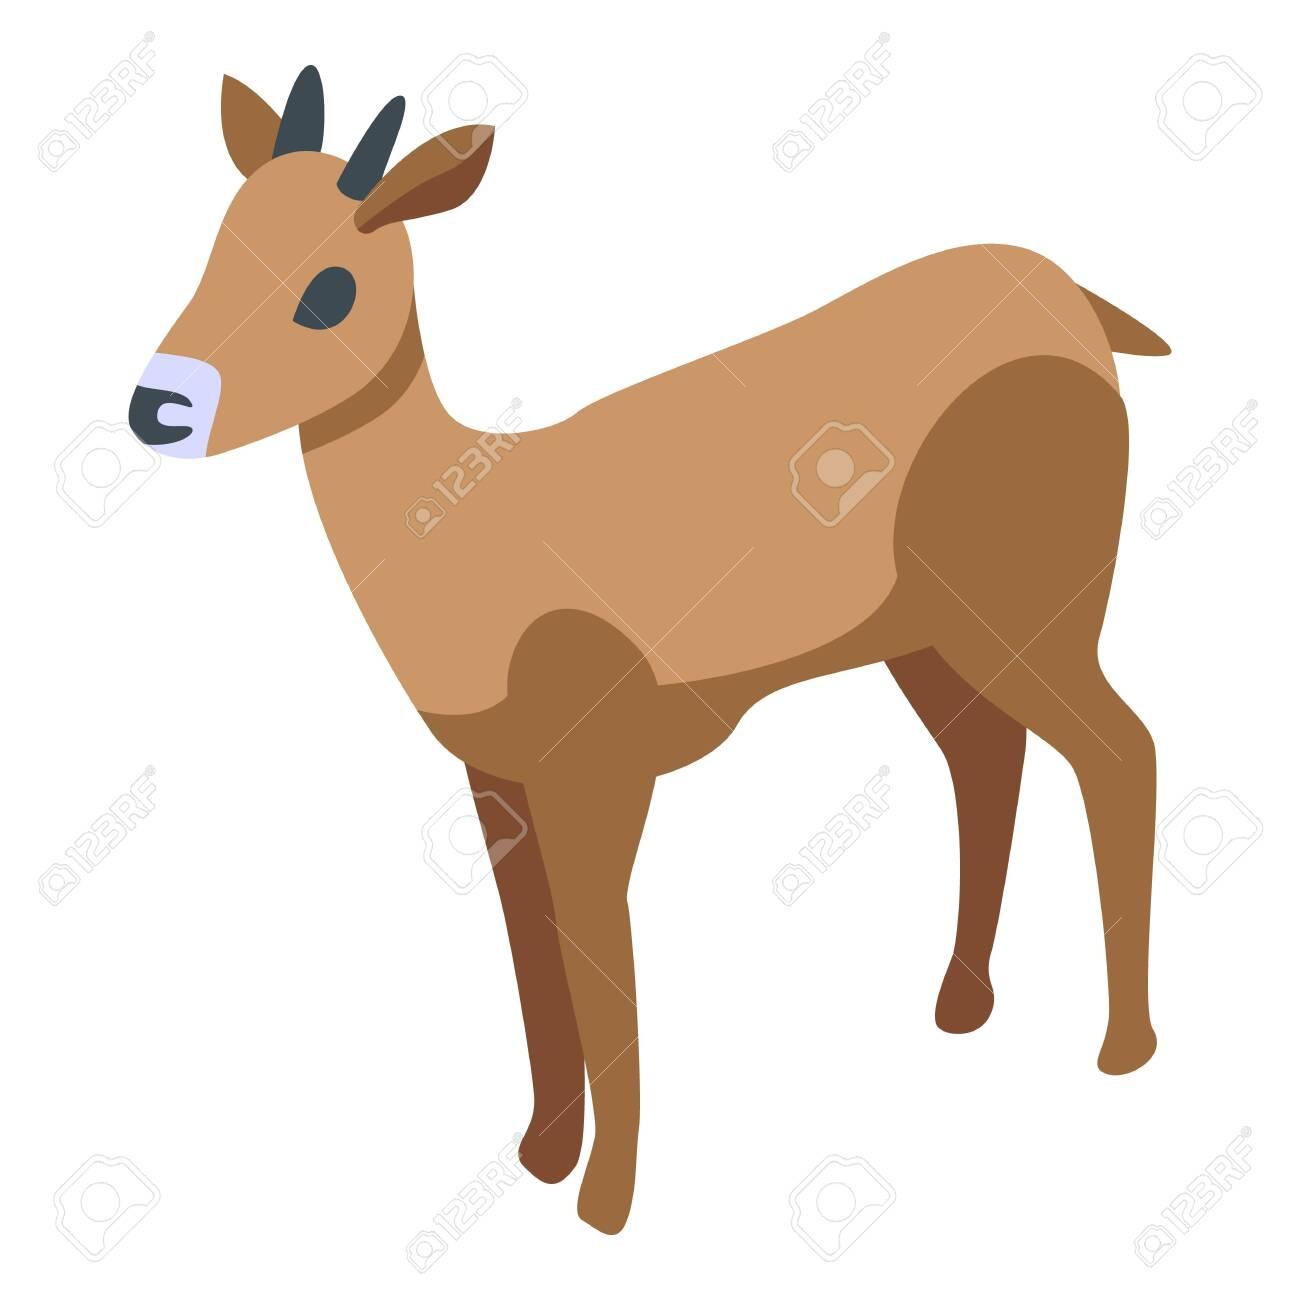 Oryx gazelle icon, isometric style - 156906764